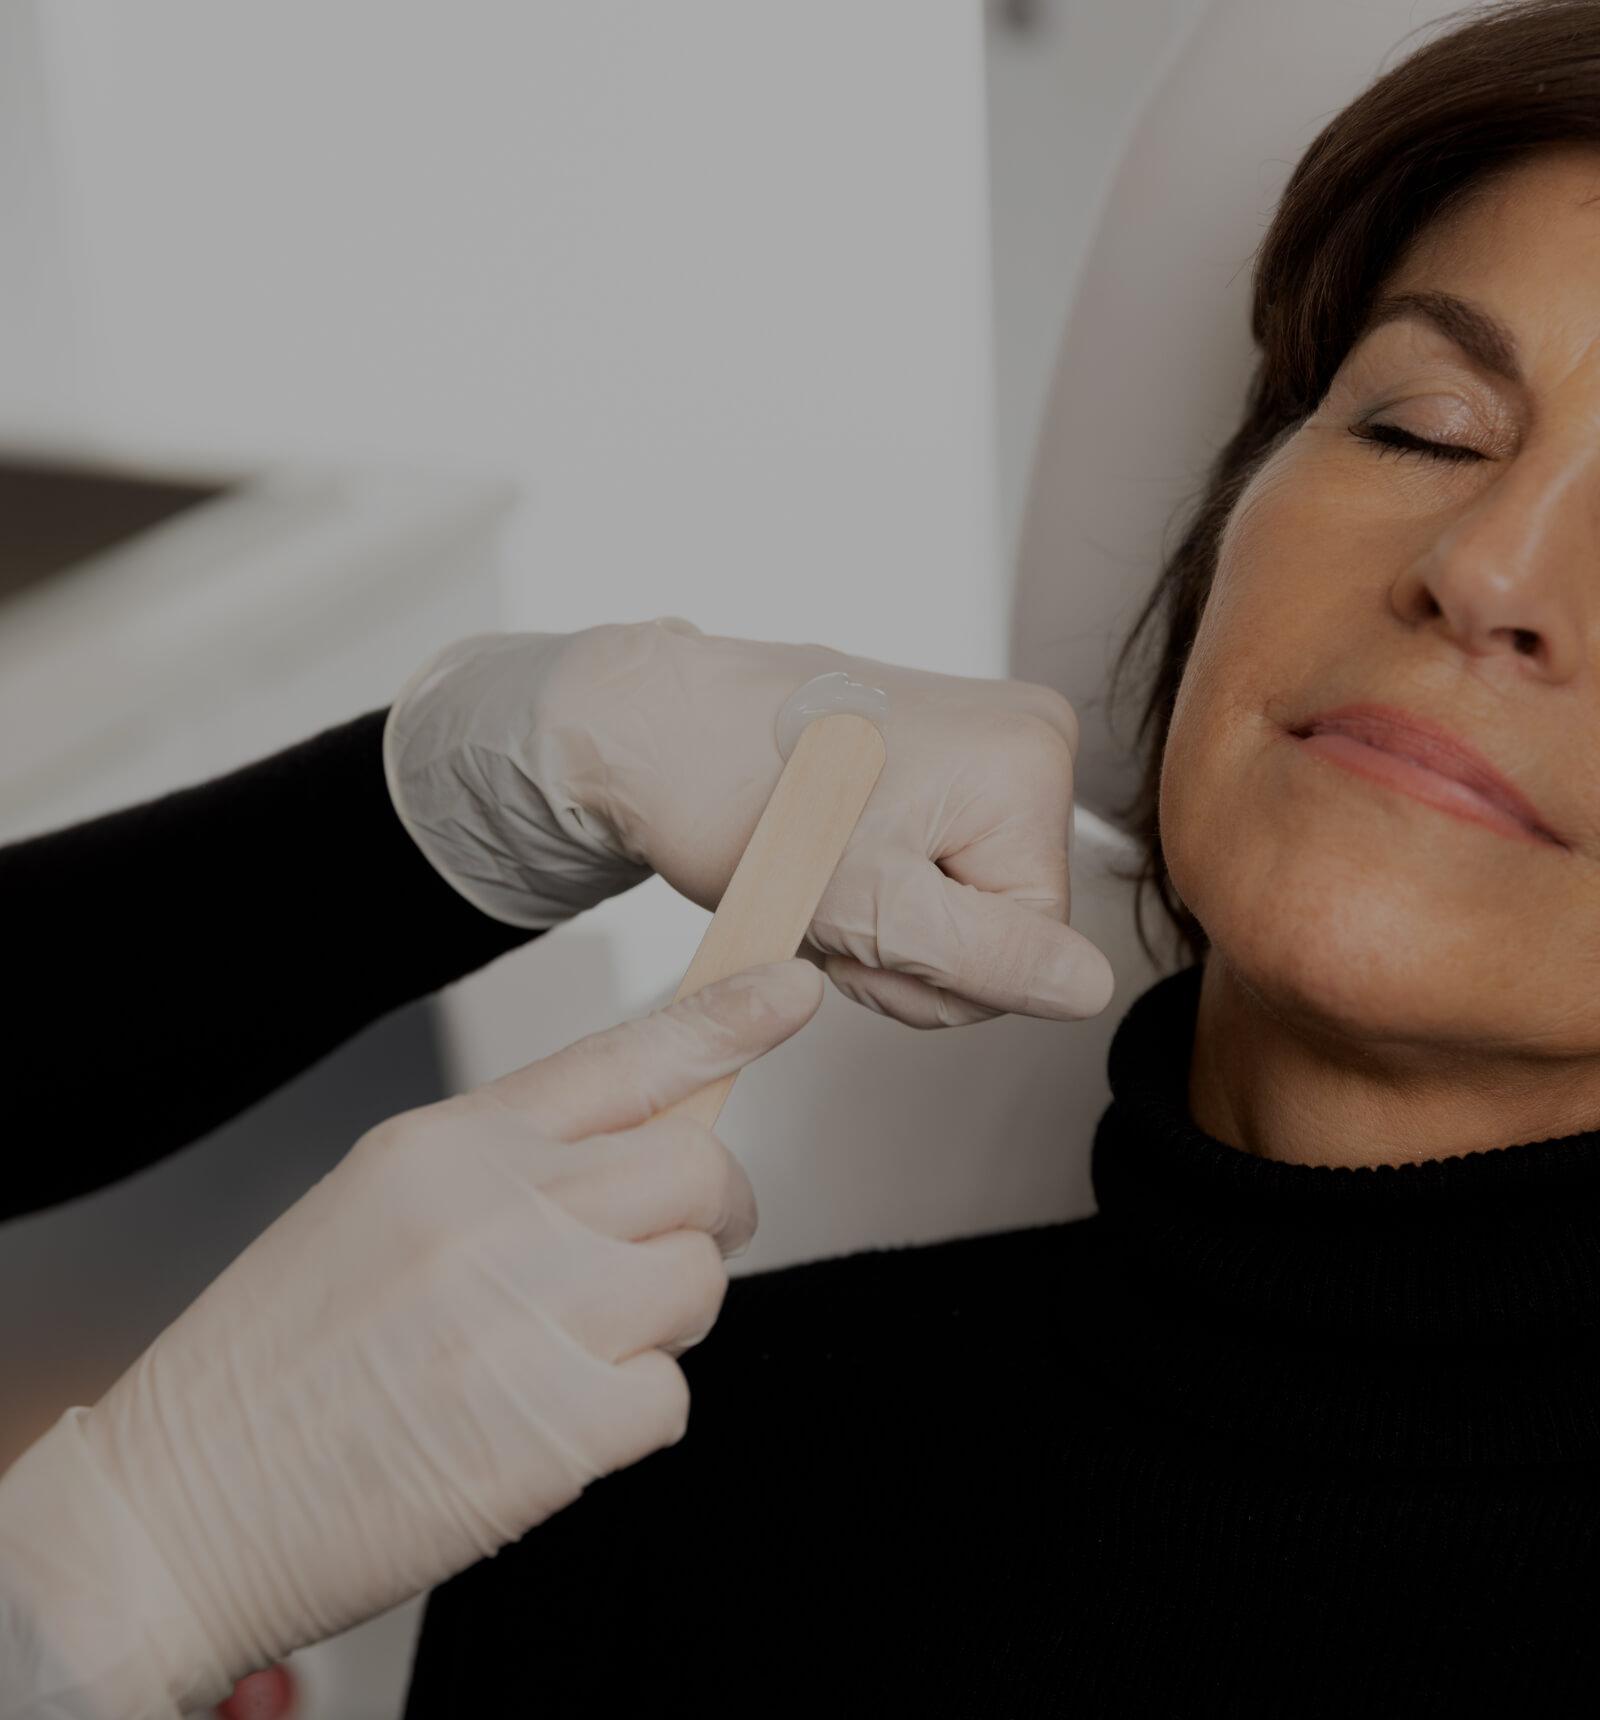 Une technicienne médico-esthétique de la Clinique Chloé appliquant du gel sur le visage d'une patiente